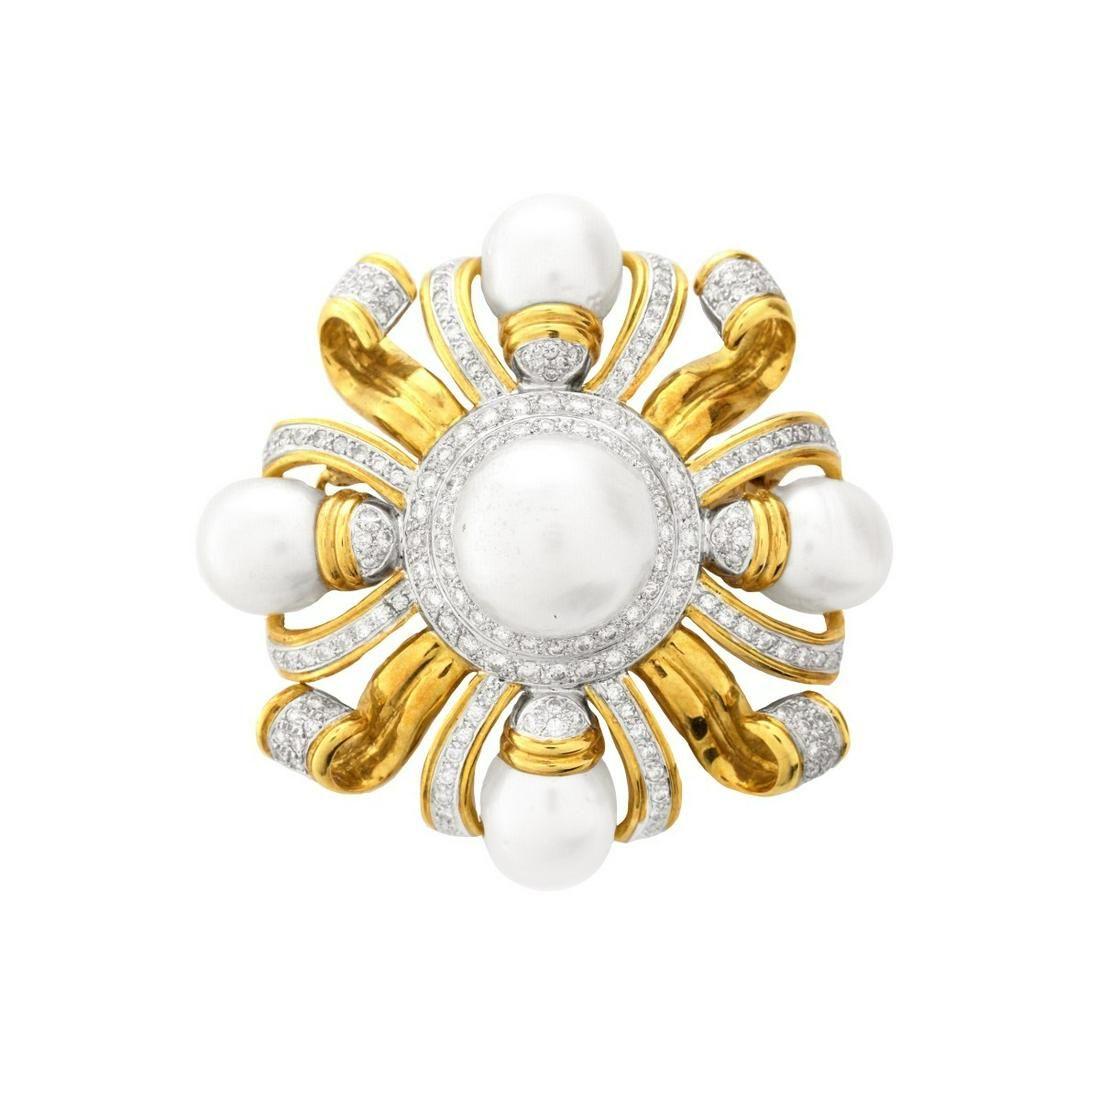 Vintage Diamond, Pearl and 18K Pendant/Brooch